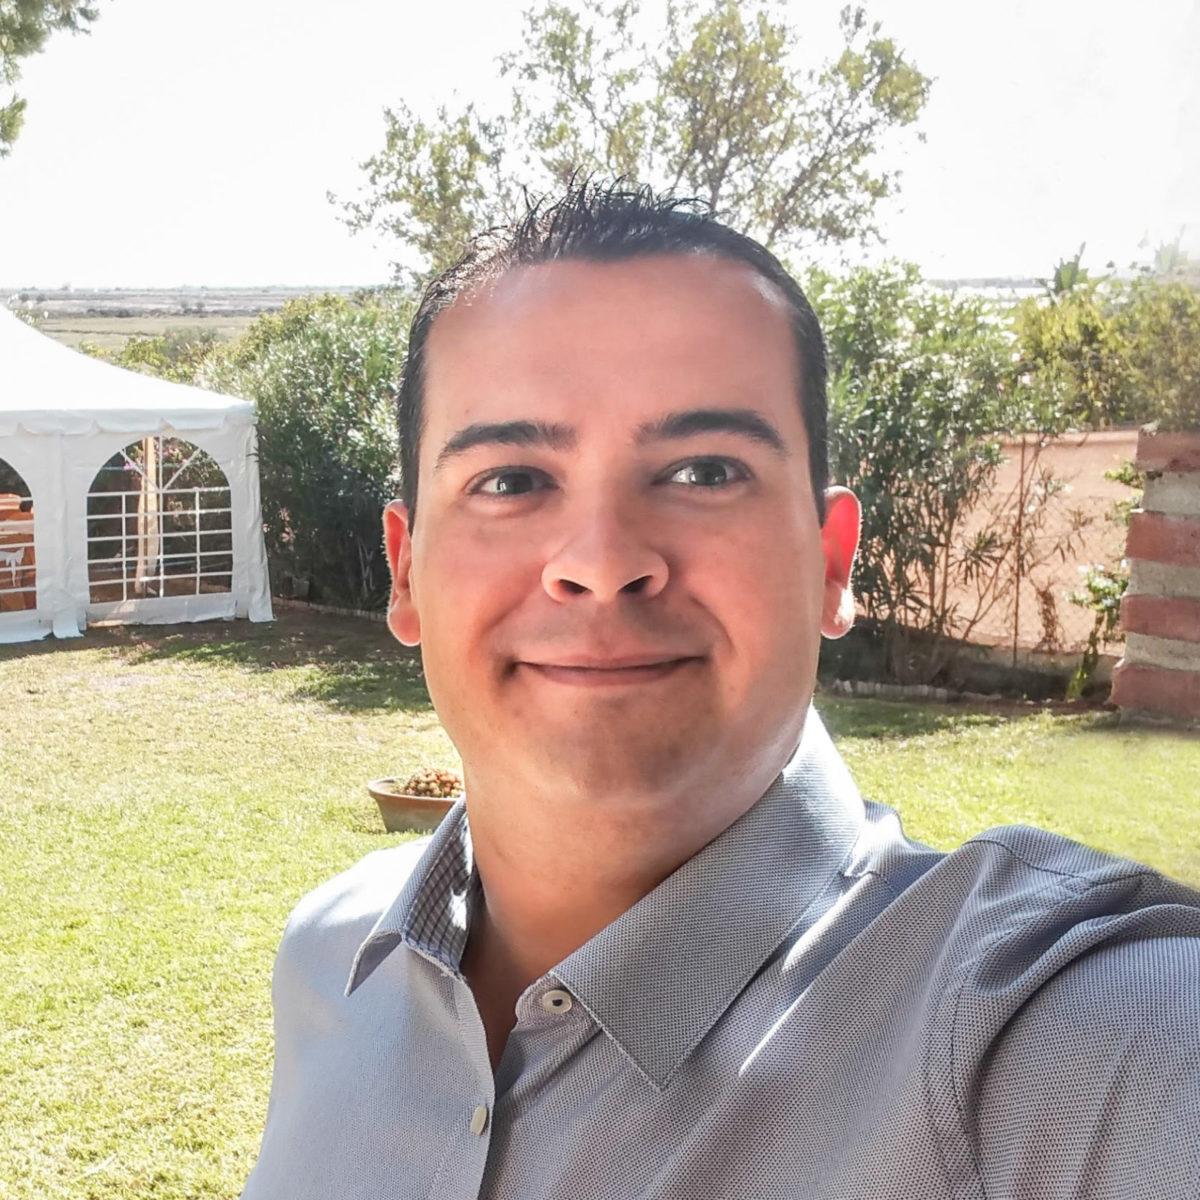 Pedro Barbero